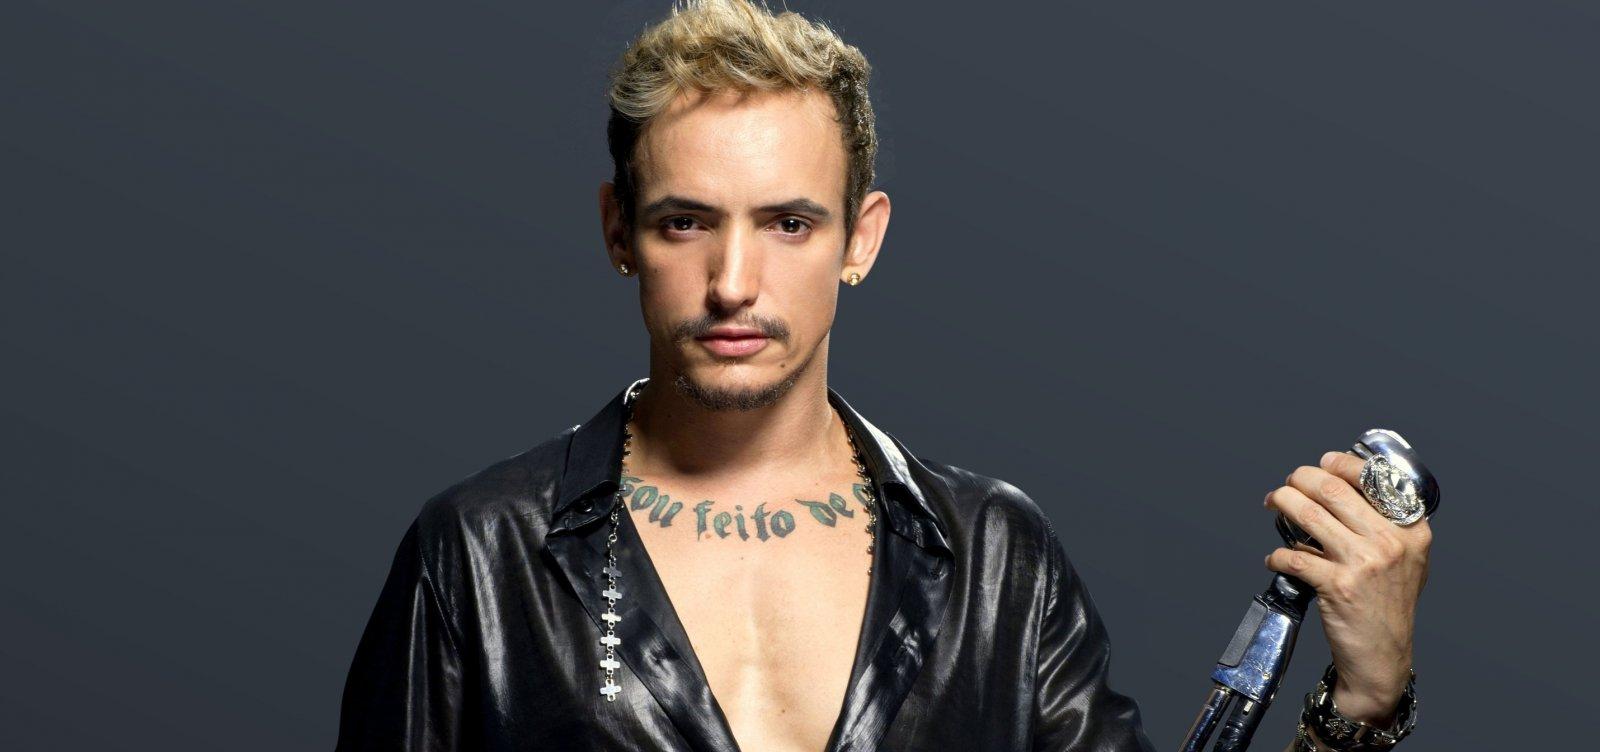 Cantor Ricky Vallen faz show intimista em Salvador